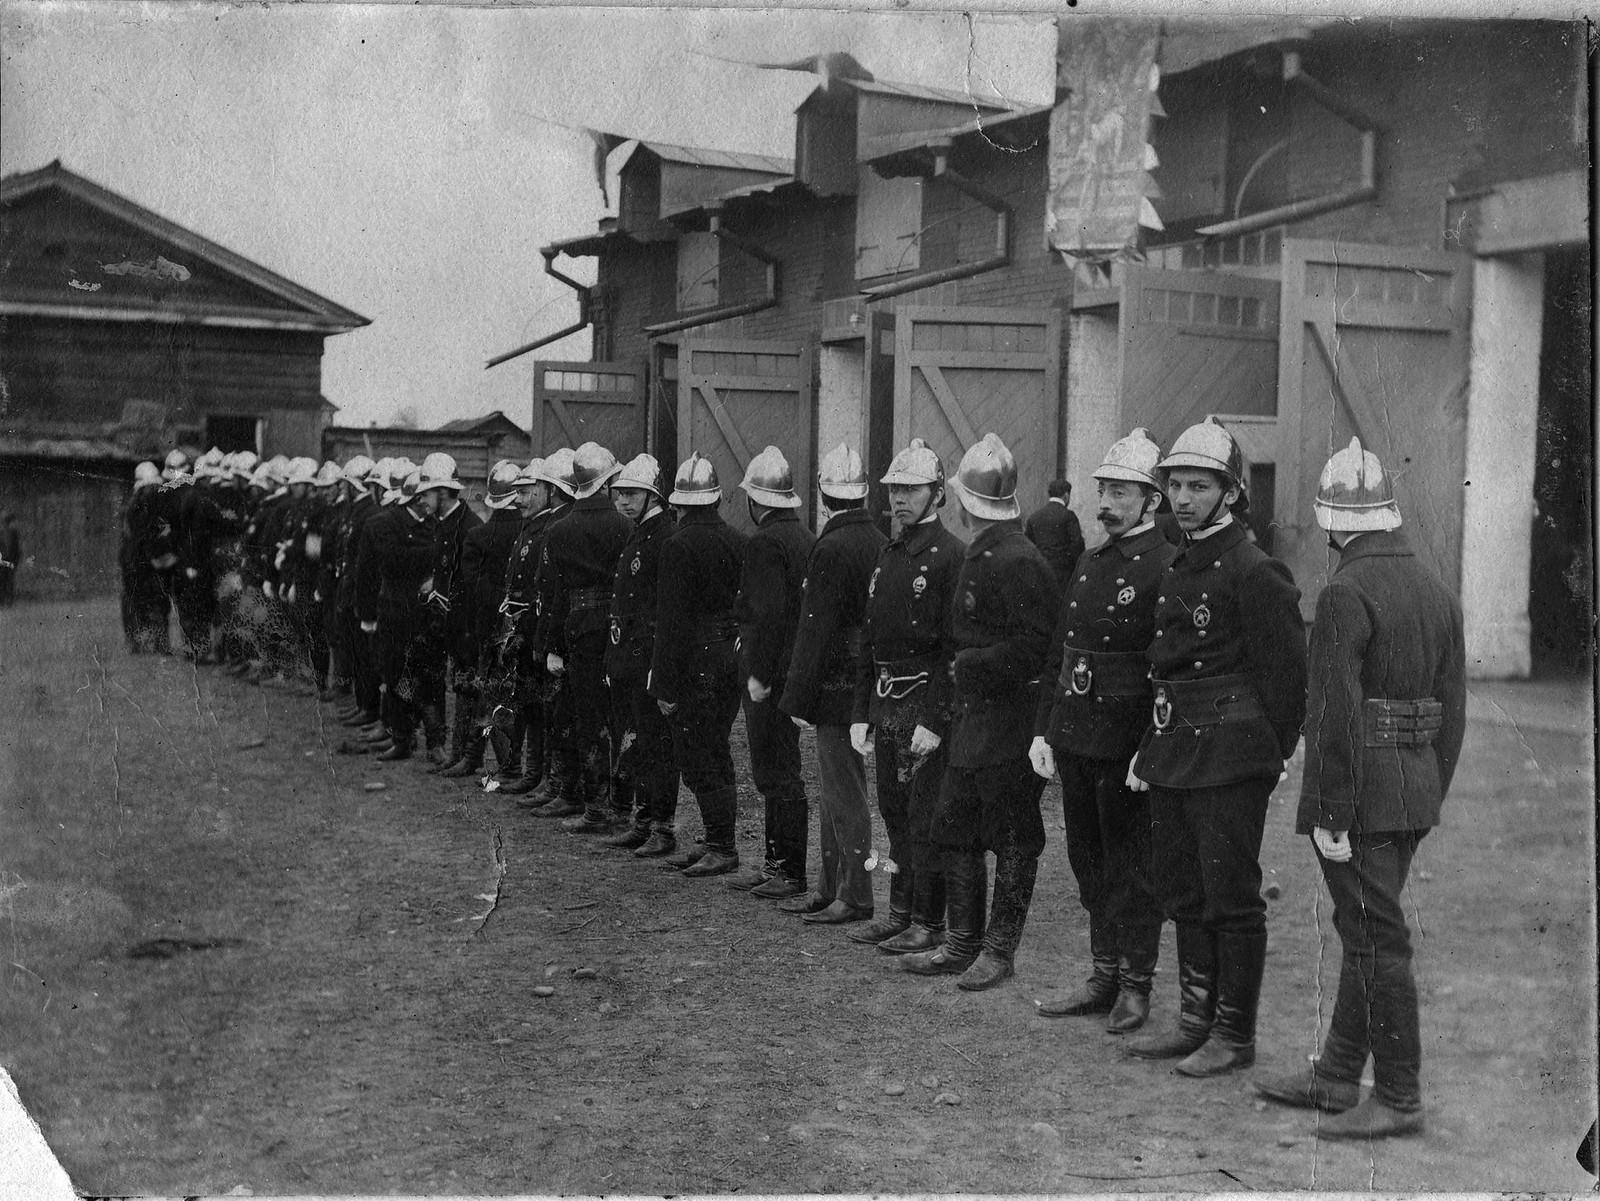 1908. Пожарная дружина добровольного пожарного общества у своего здания по улице Арсенальной